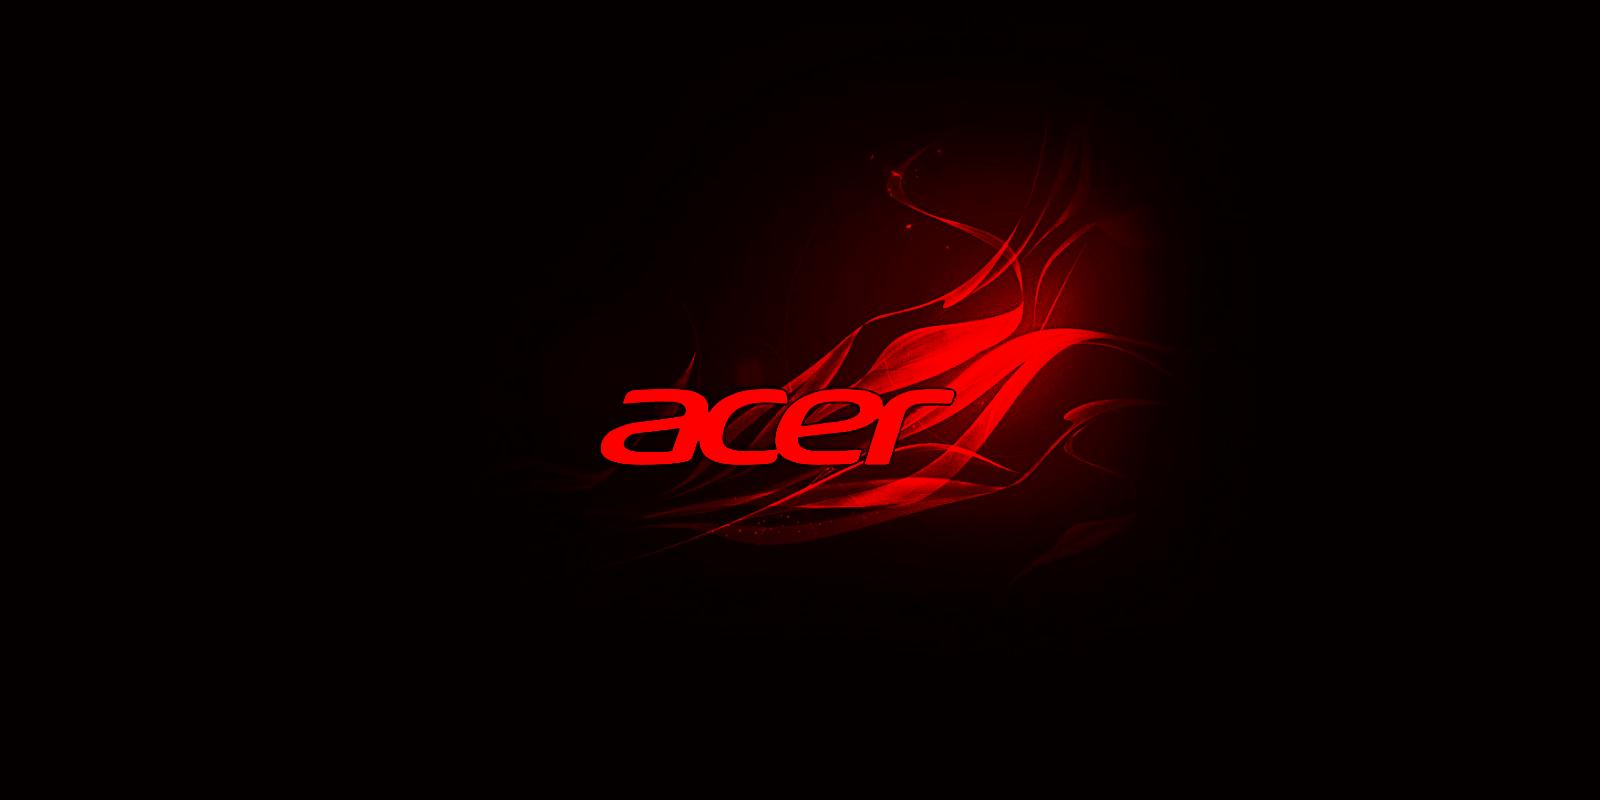 Acer, Hindistan'da satış sonrası hizmet sistemlerinin ihlal edildiğini doğruladı